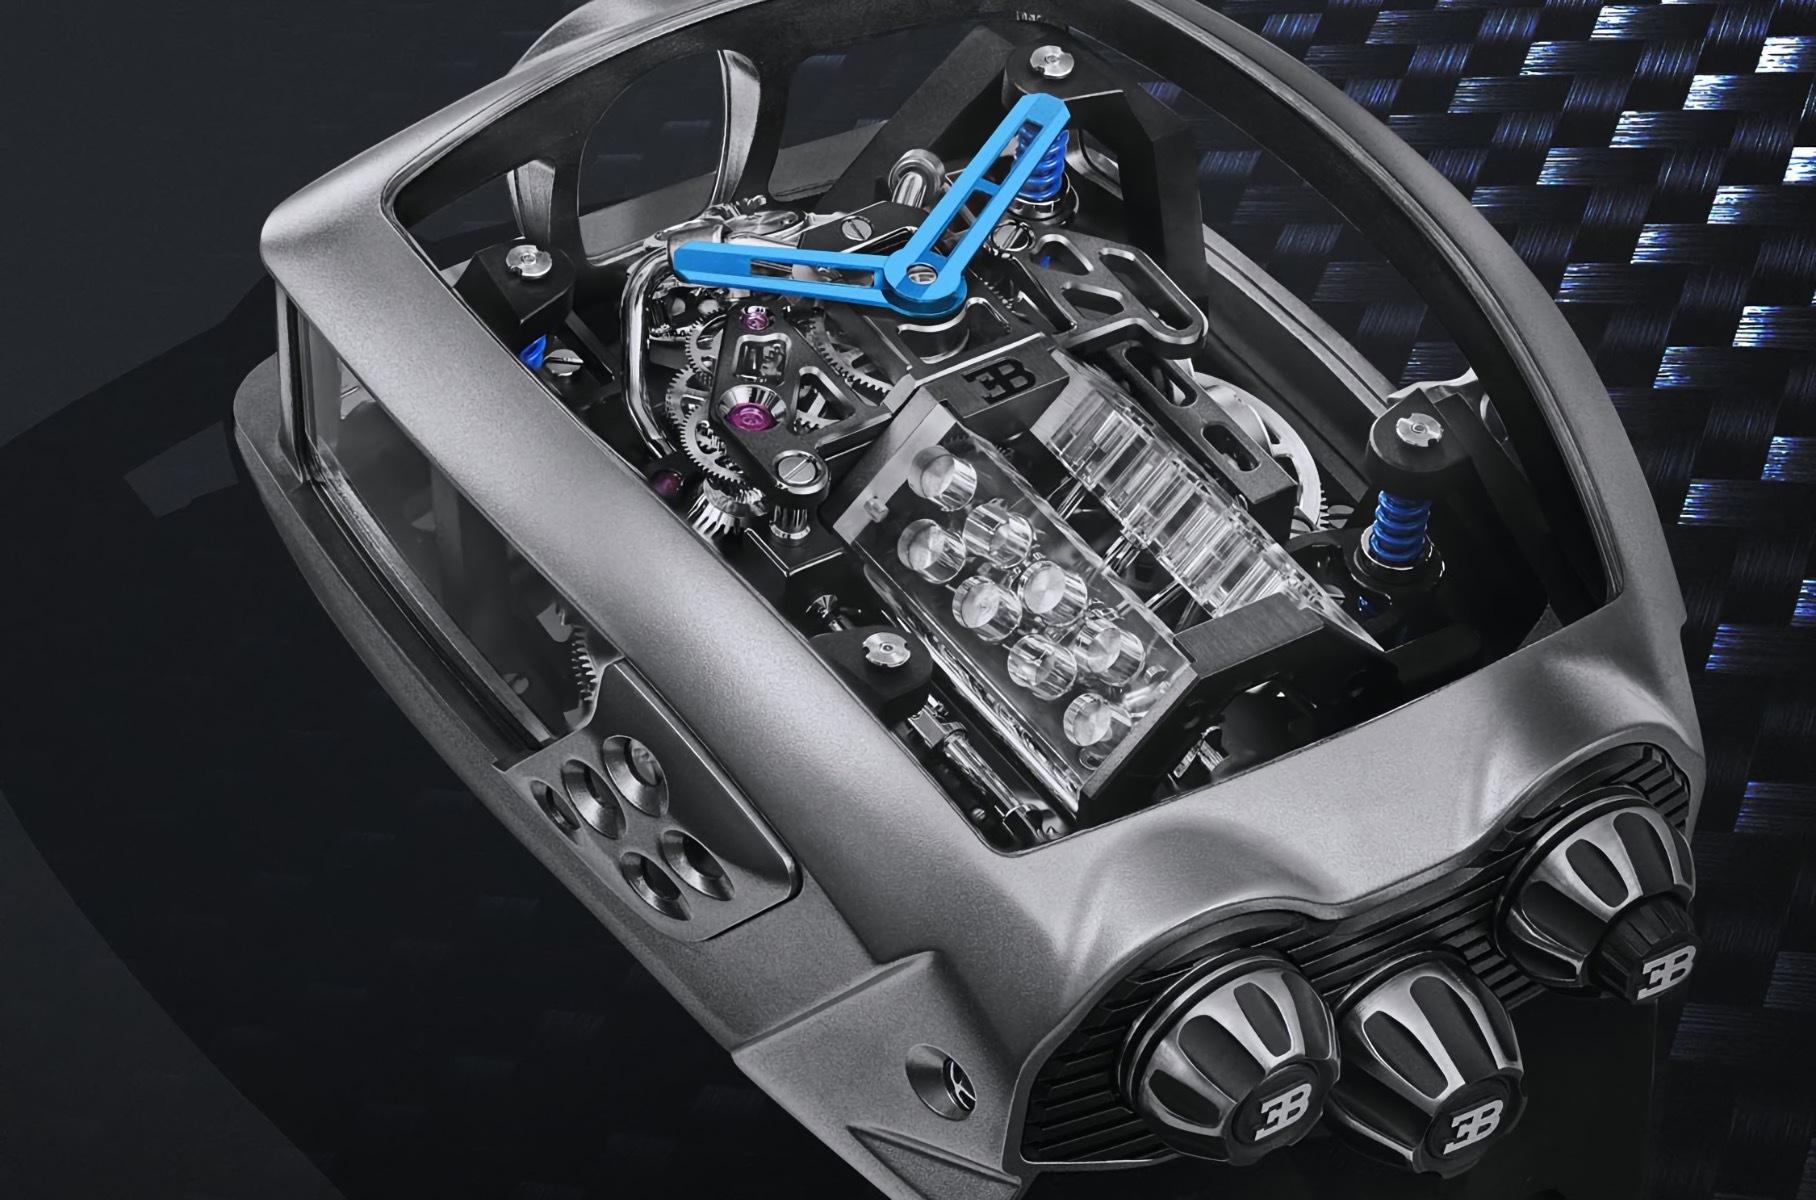 видео работы двигателя модели